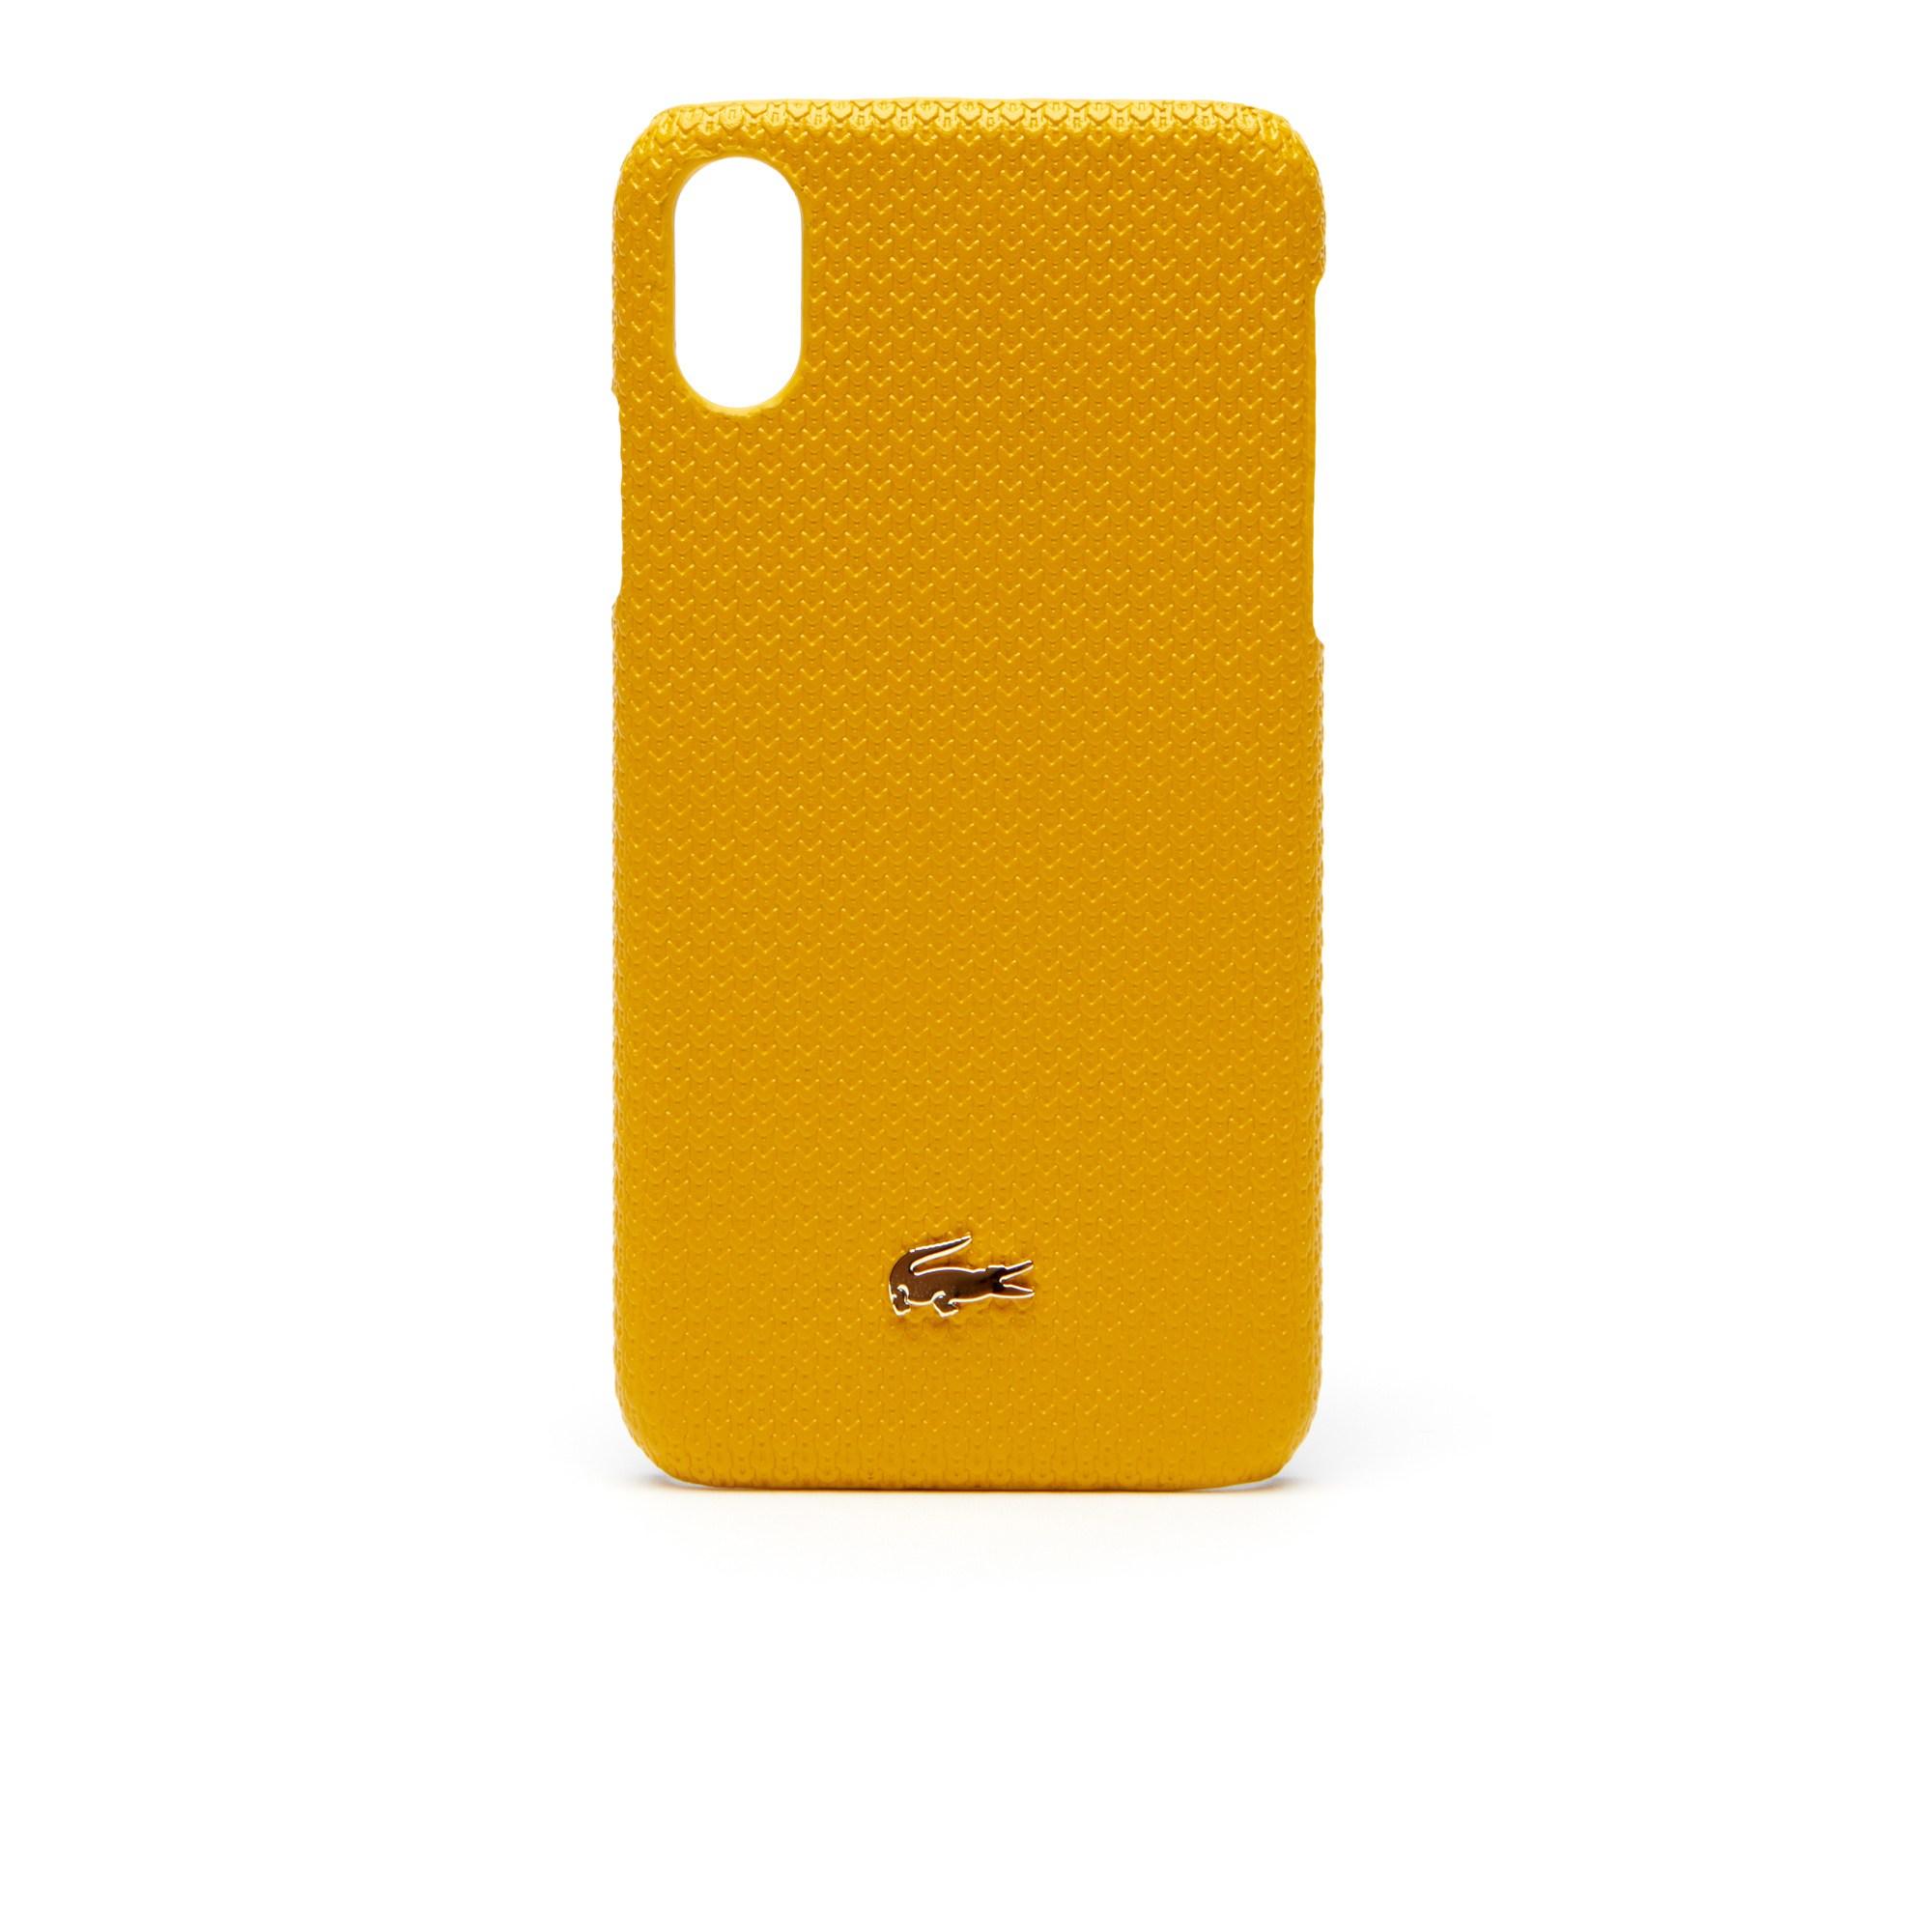 Чехол для телефона LacosteСумки и кошельки<br>Детали: Для iPhoneX;\Металлический логотип;\Размеры: 7,1 х 14,3 х 1 см\Материал: 100% прессованная коровья кожа